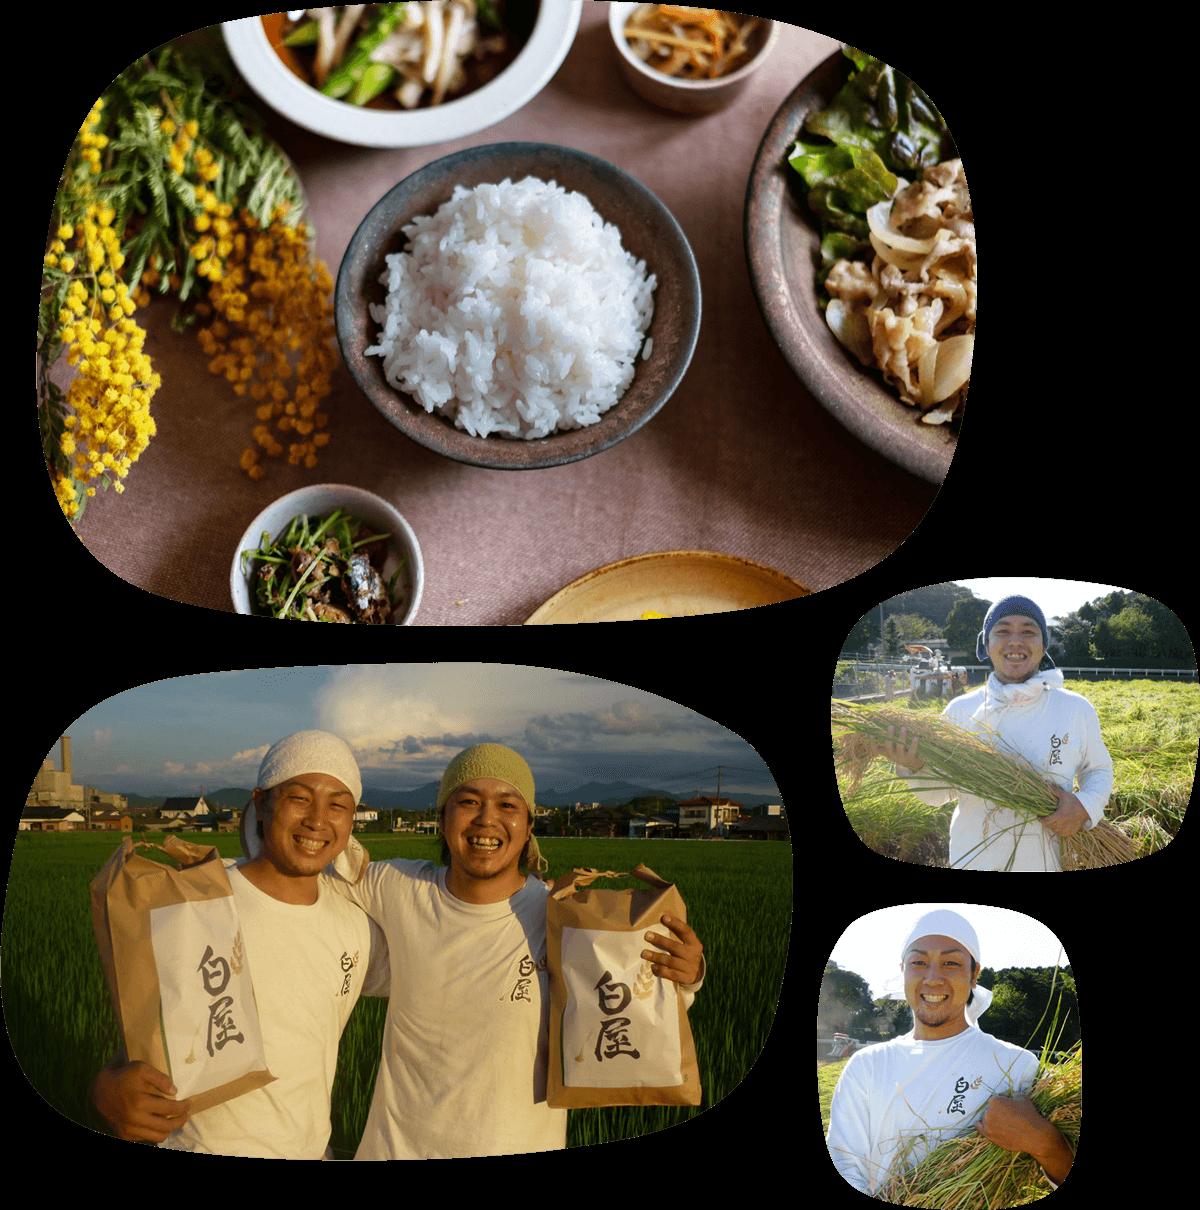 白屋.福岡県の田舎「香春町」(かわらまち)でお米作りをしています